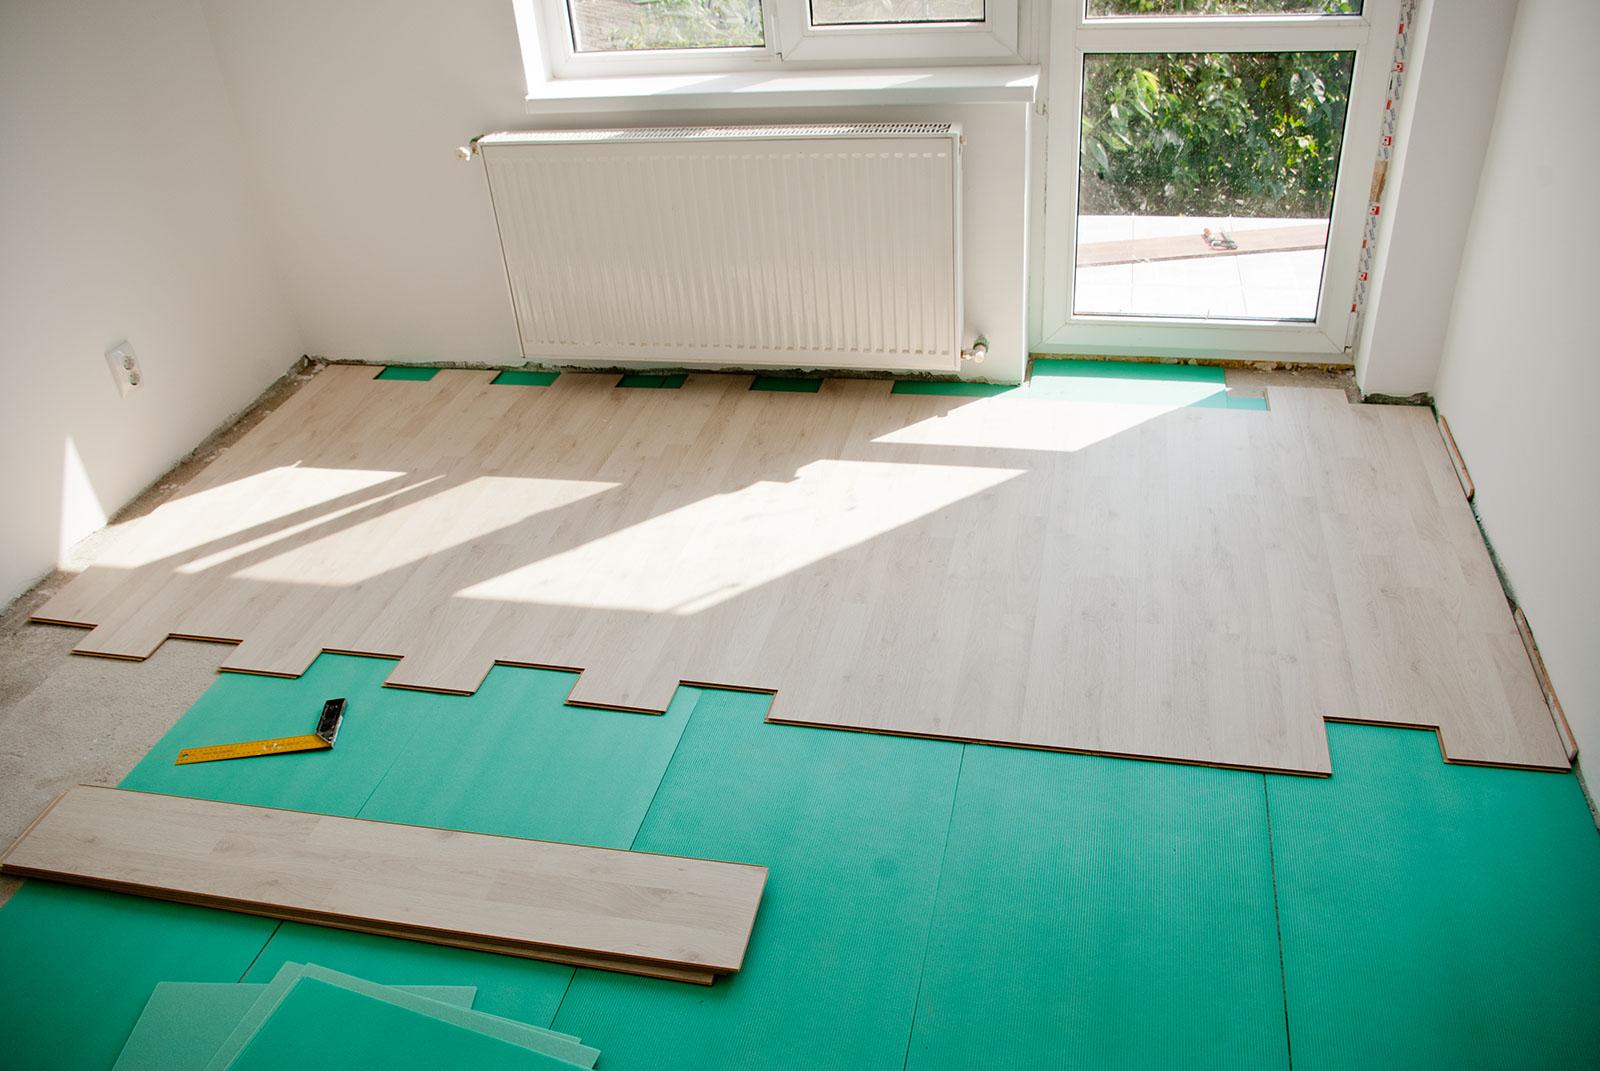 Pose parquet sur plancher osb prix travaux au m2 angers for Prix m2 angers